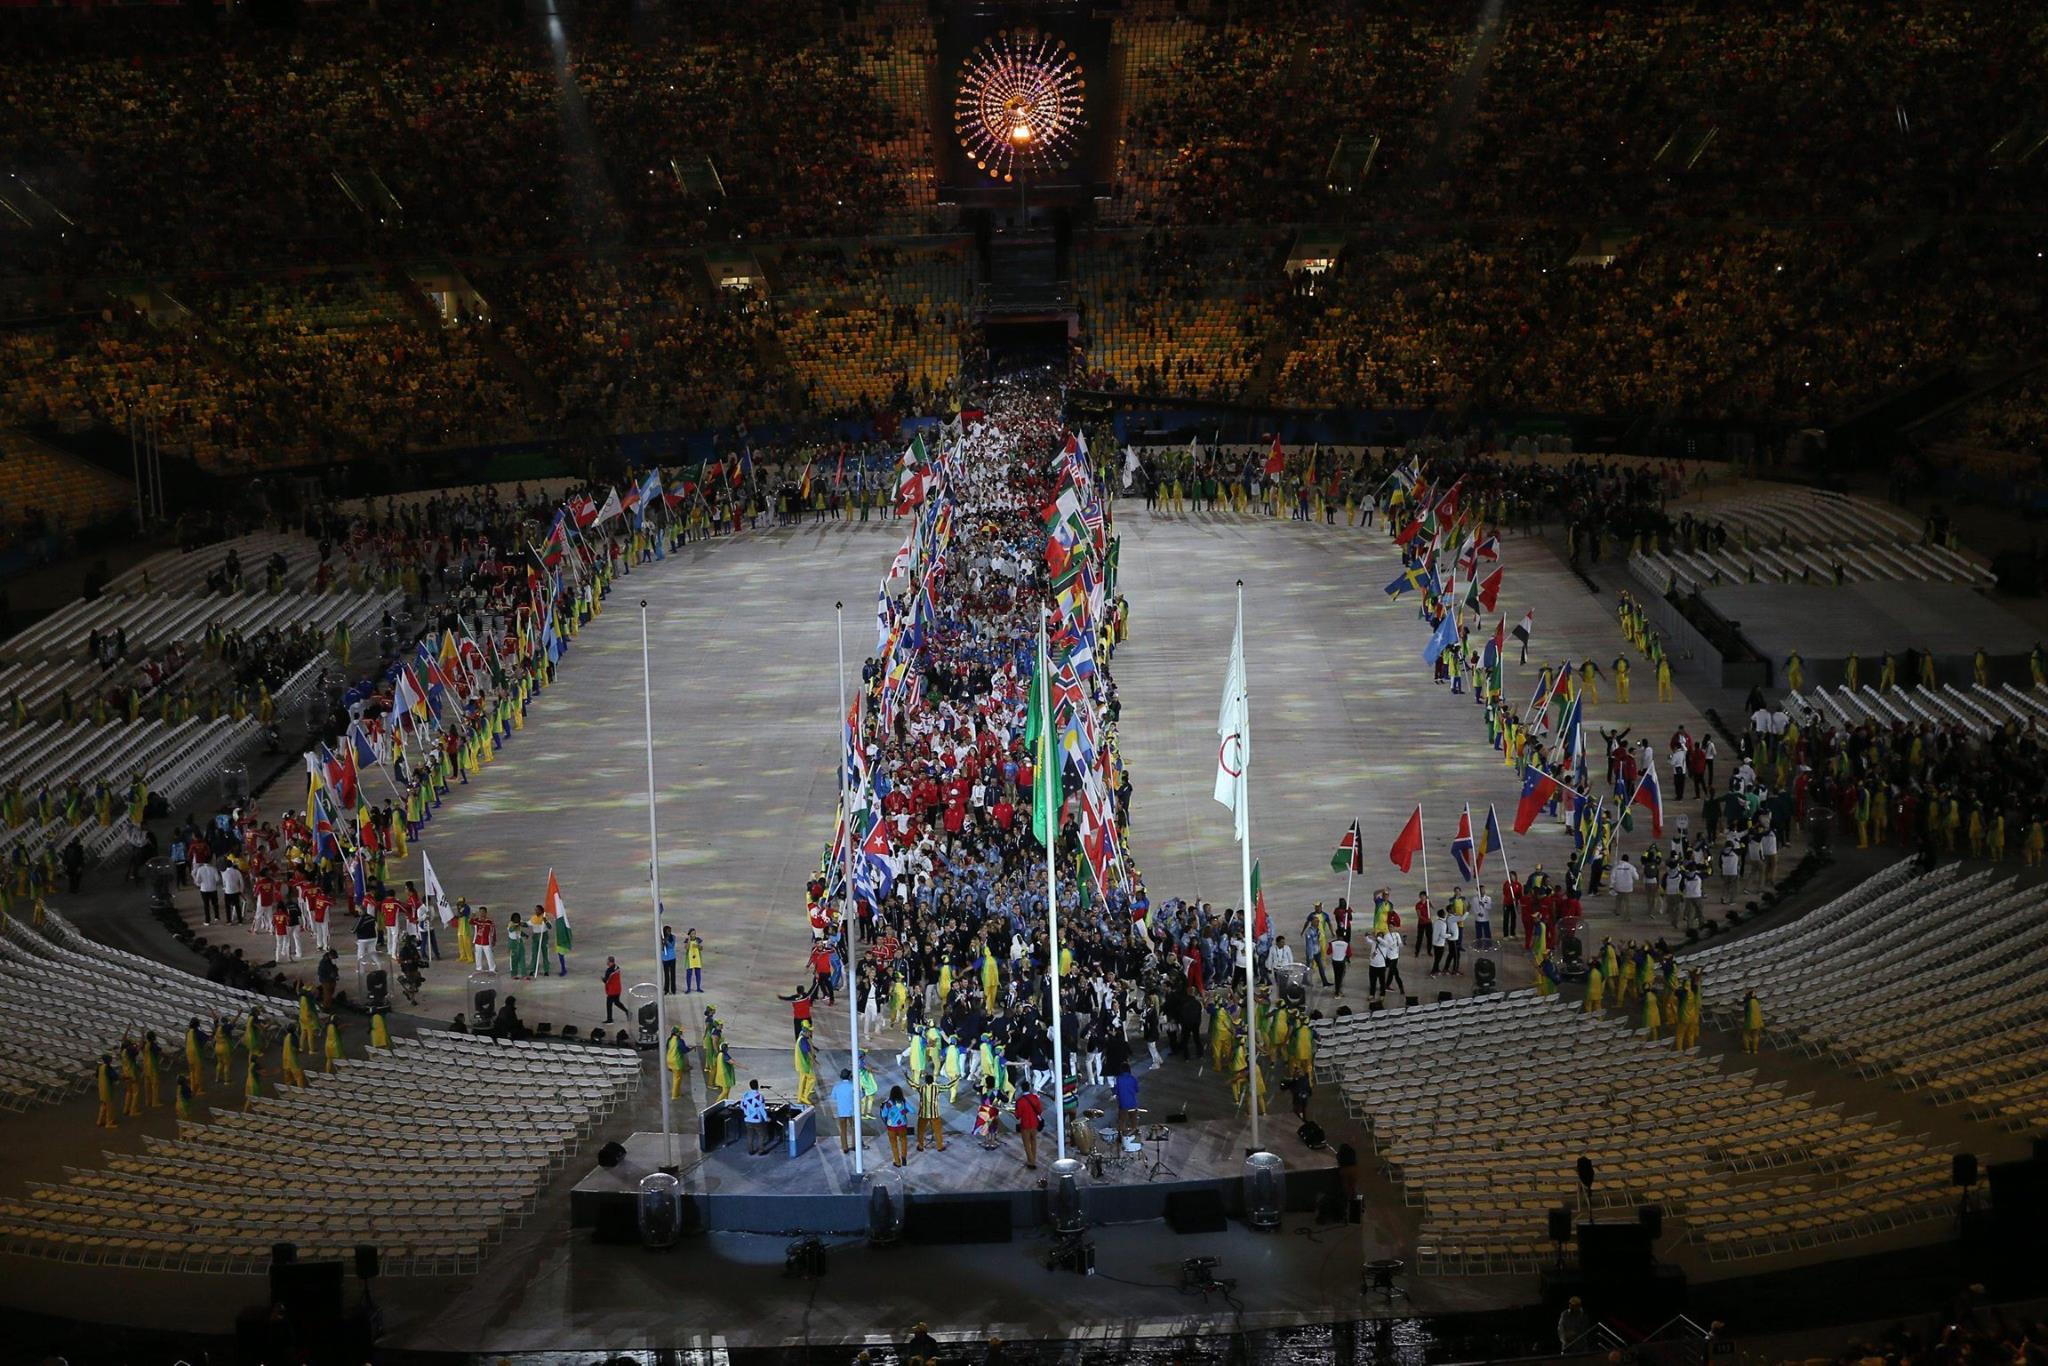 Rio giorno 16: argento nella pallavolo e bronzo nella lotta. Ciao Rio!